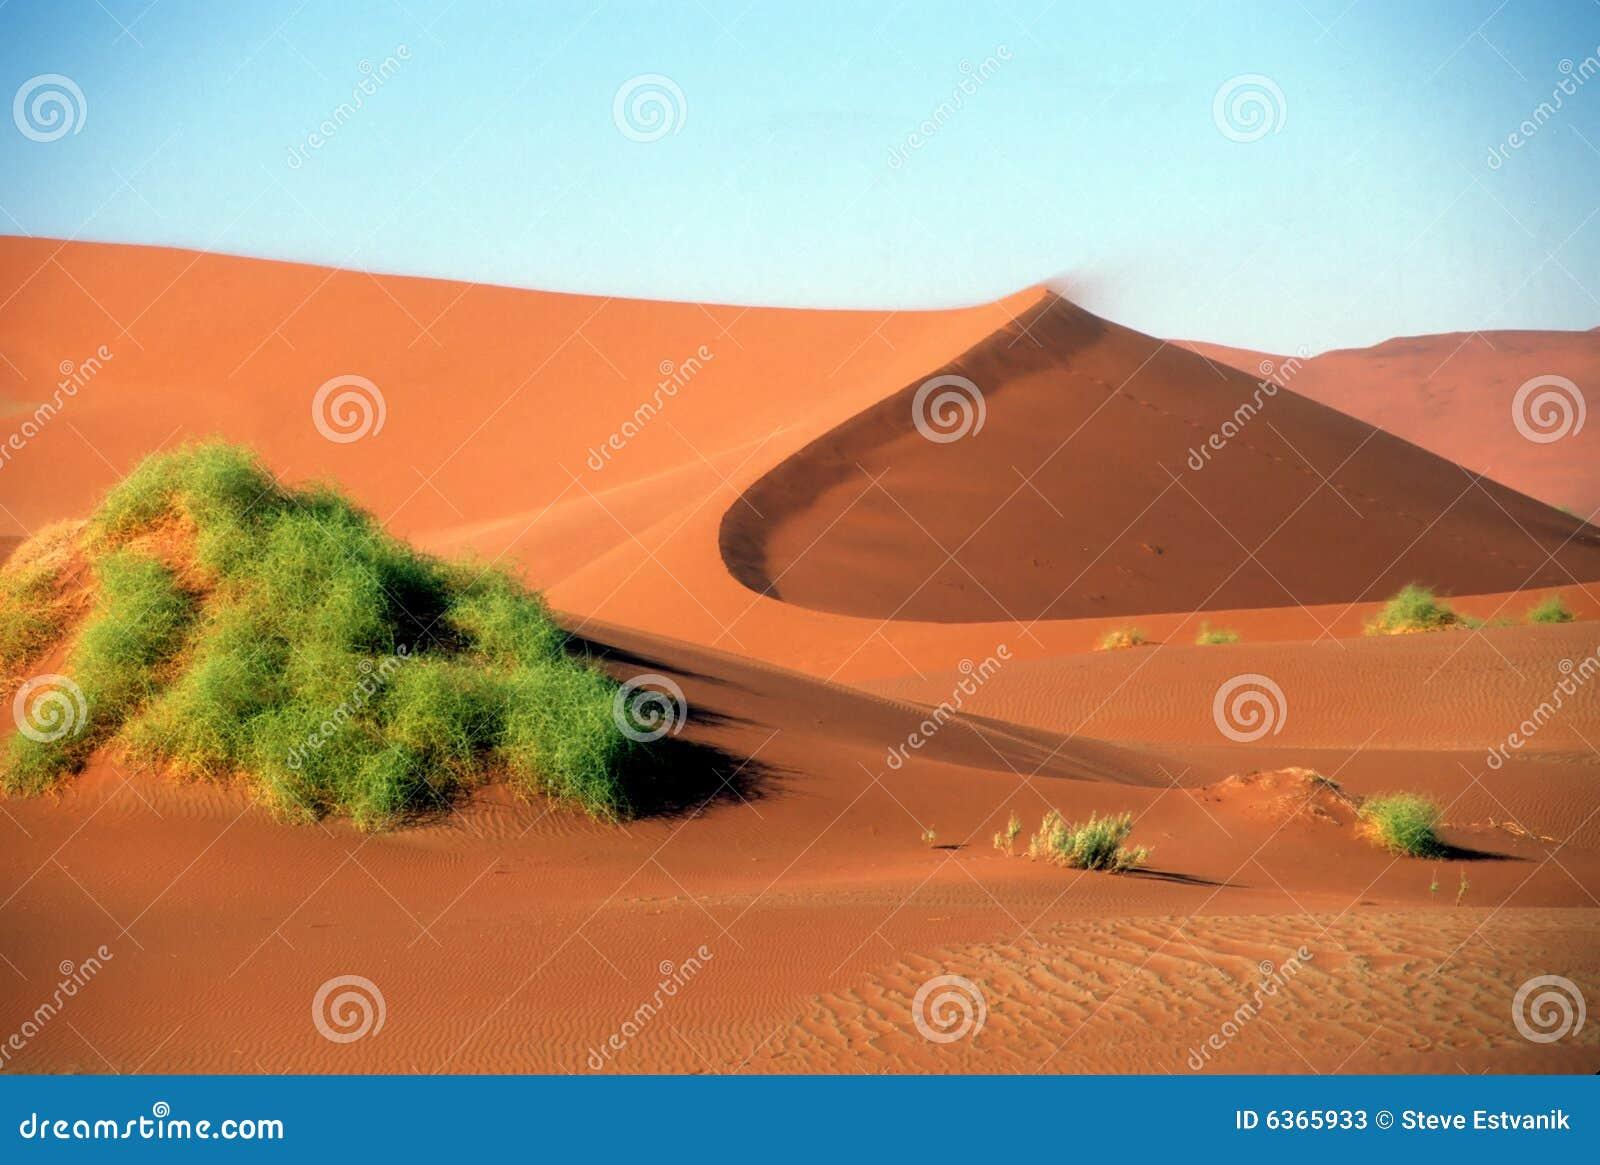 Giant sand dunes in desert